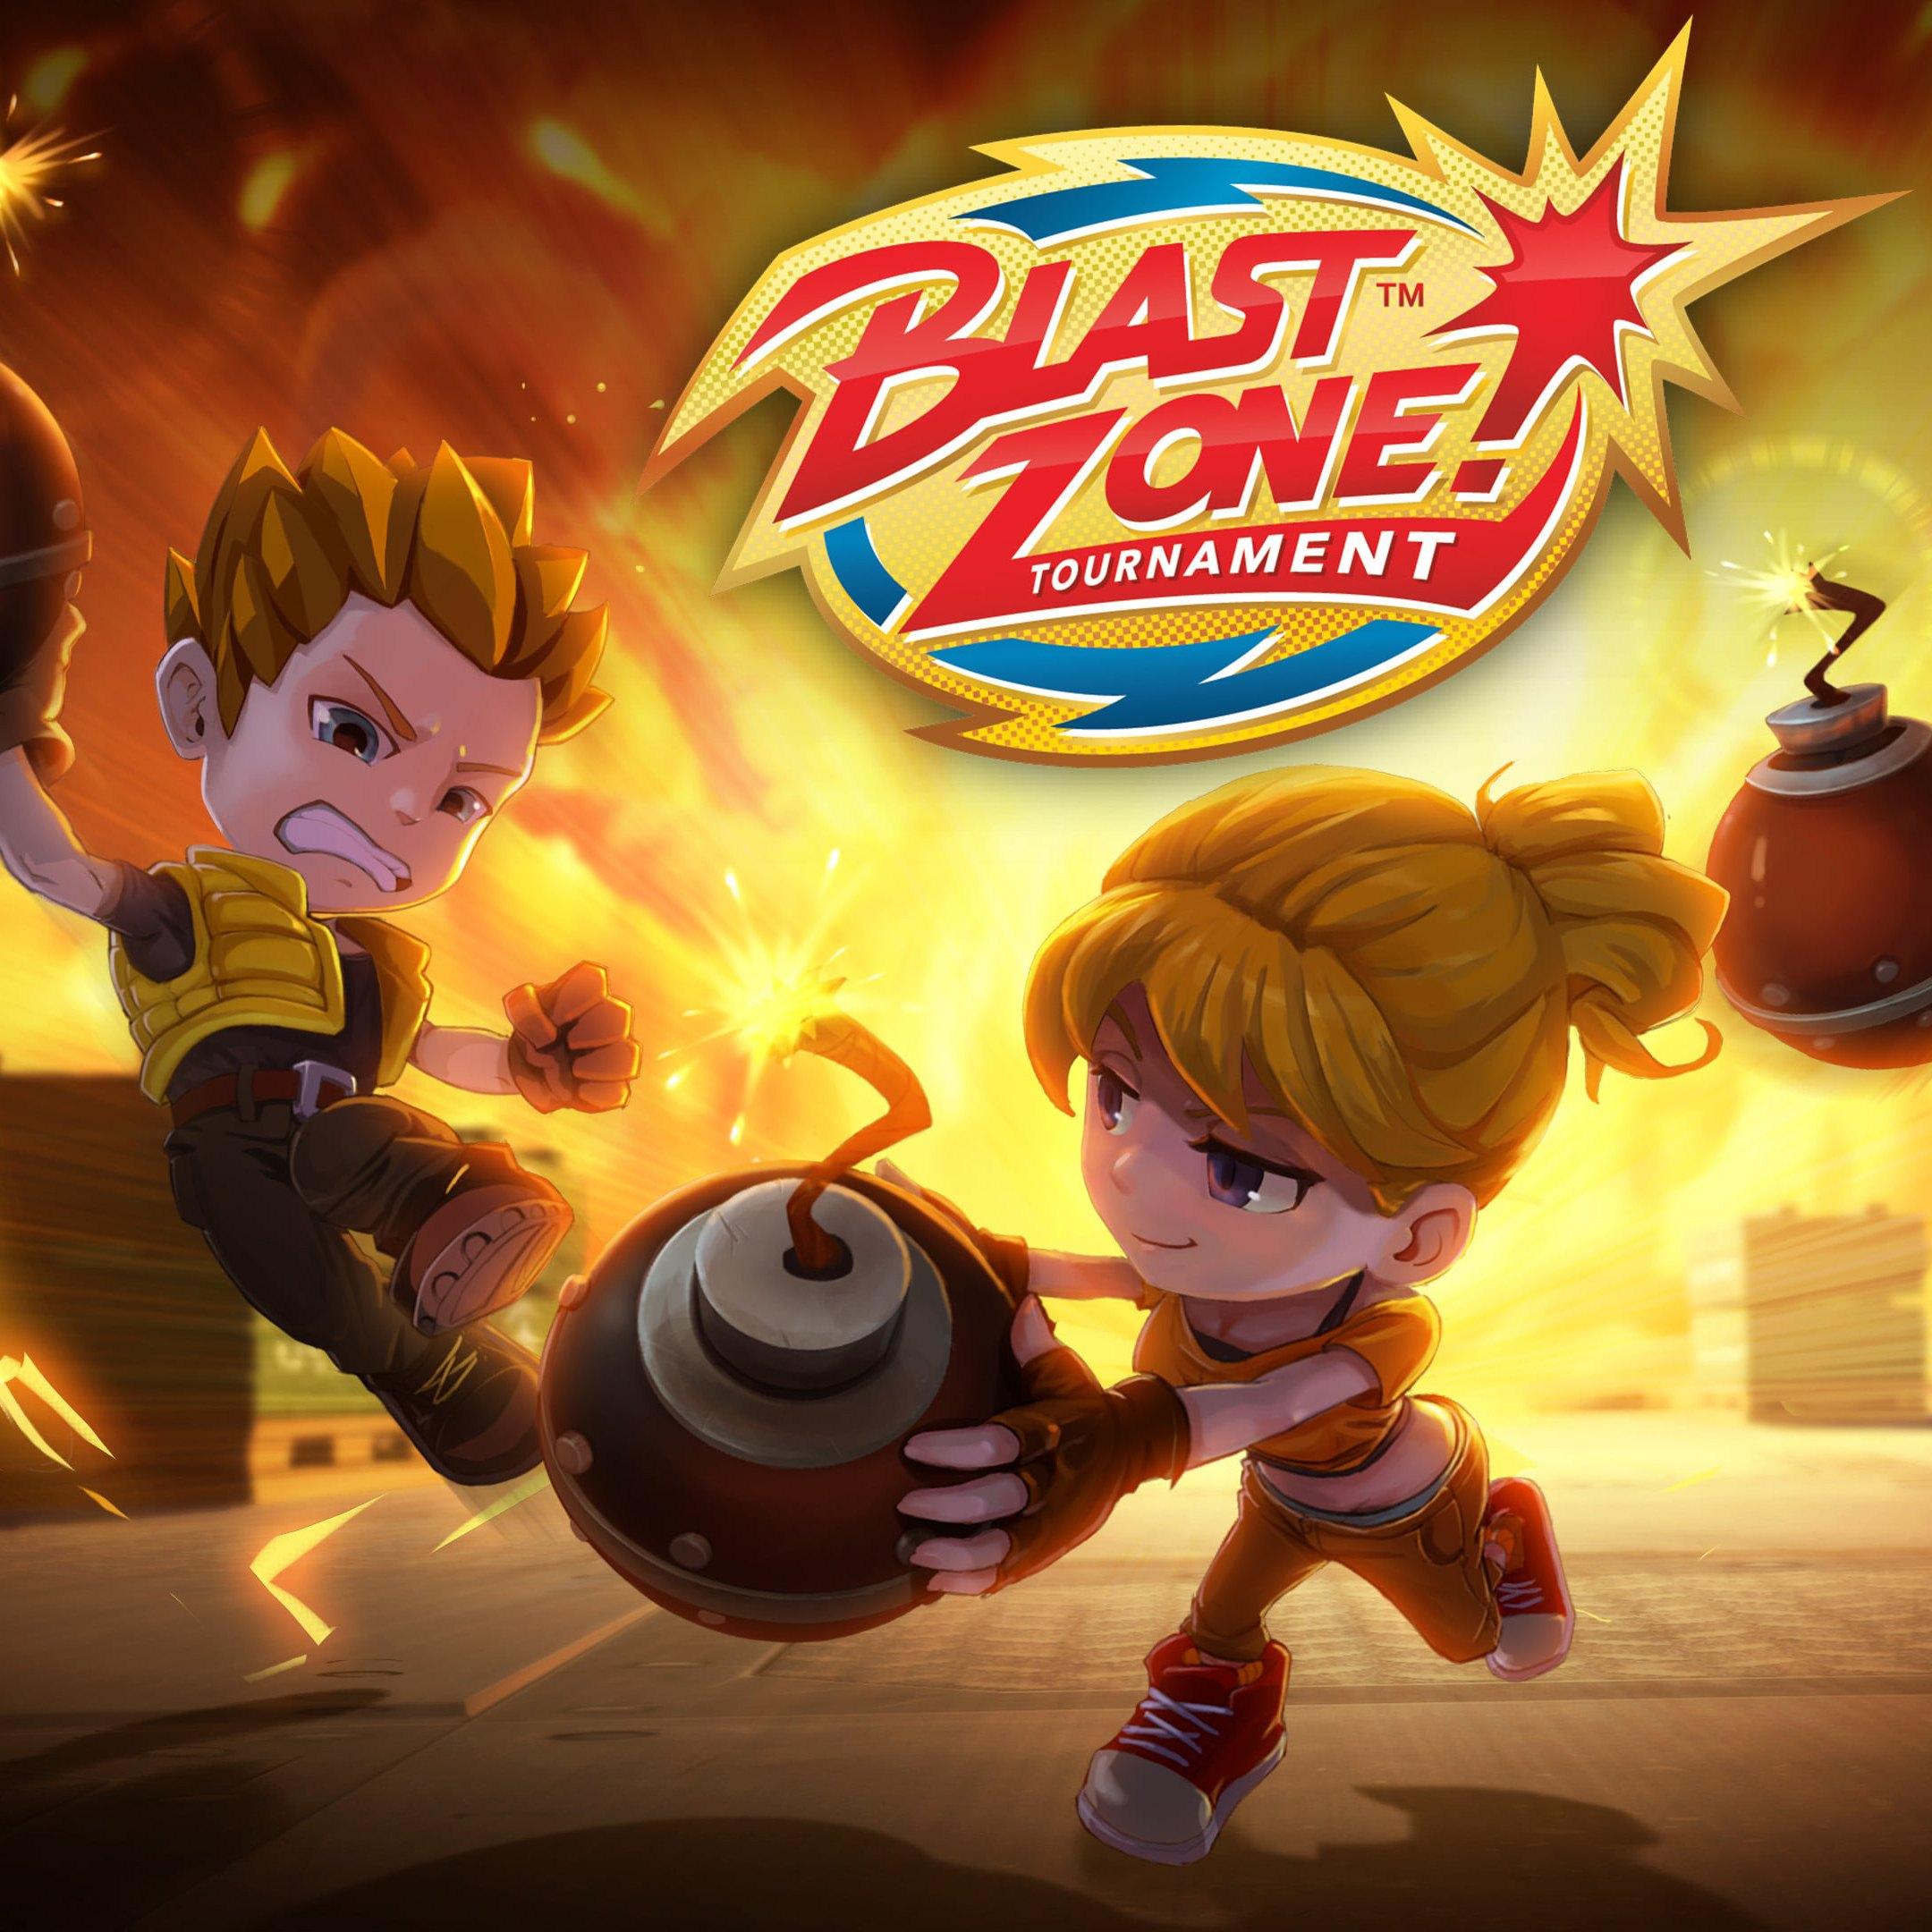 Blast Zone! Tournament gratuit sur PC (Dématérialisé)